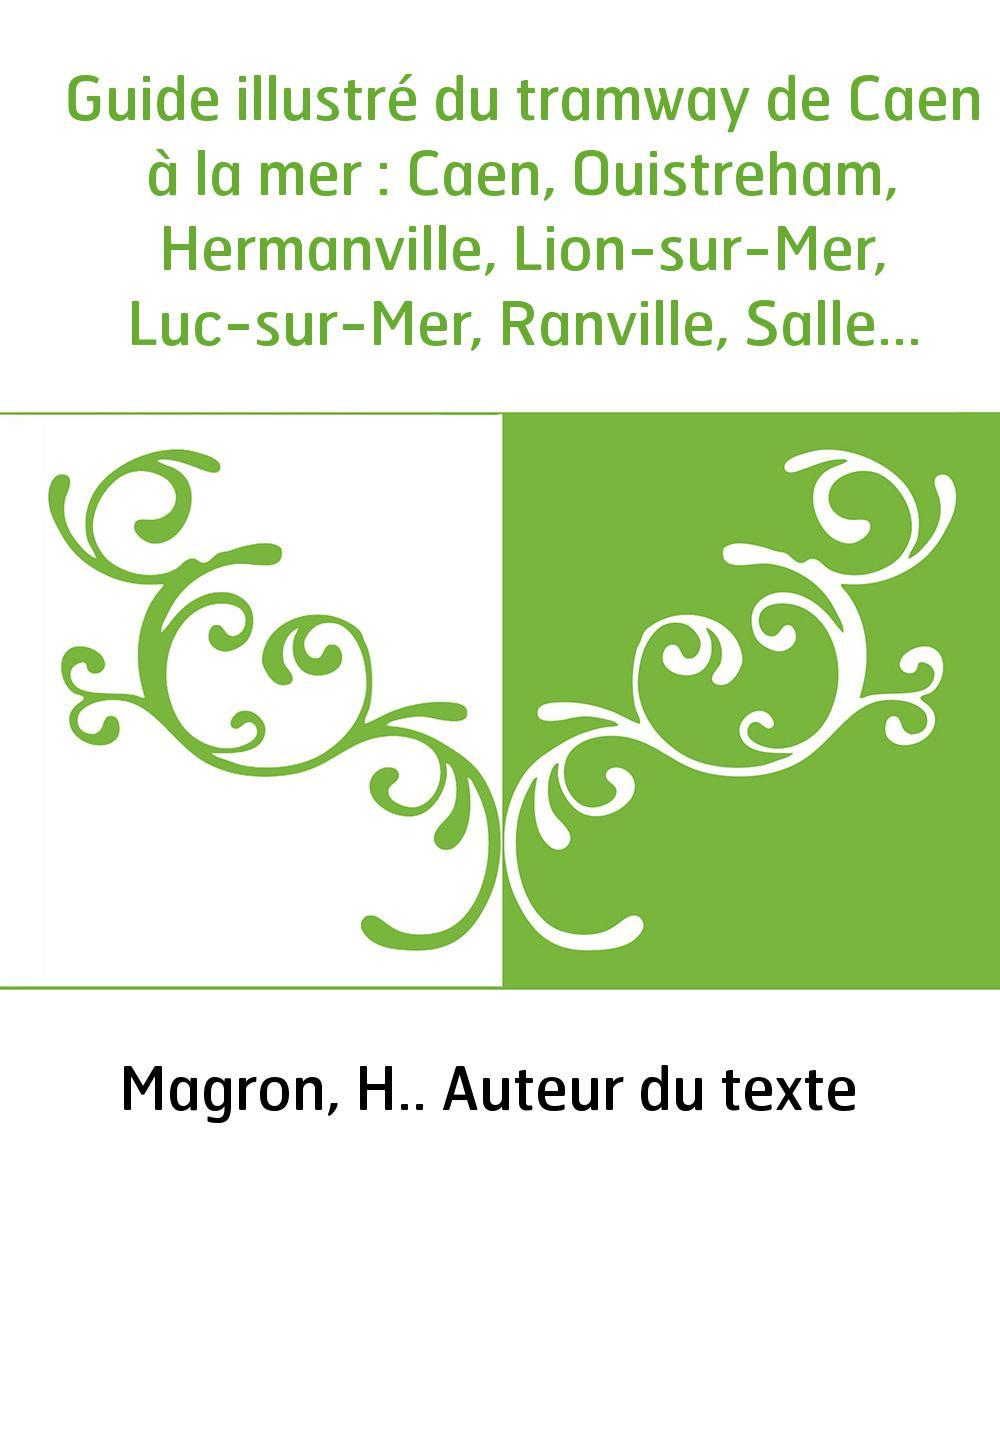 Guide illustré du tramway de Caen à la mer : Caen, Ouistreham, Hermanville, Lion-sur-Mer, Luc-sur-Mer, Ranville, Sallenelles, Le